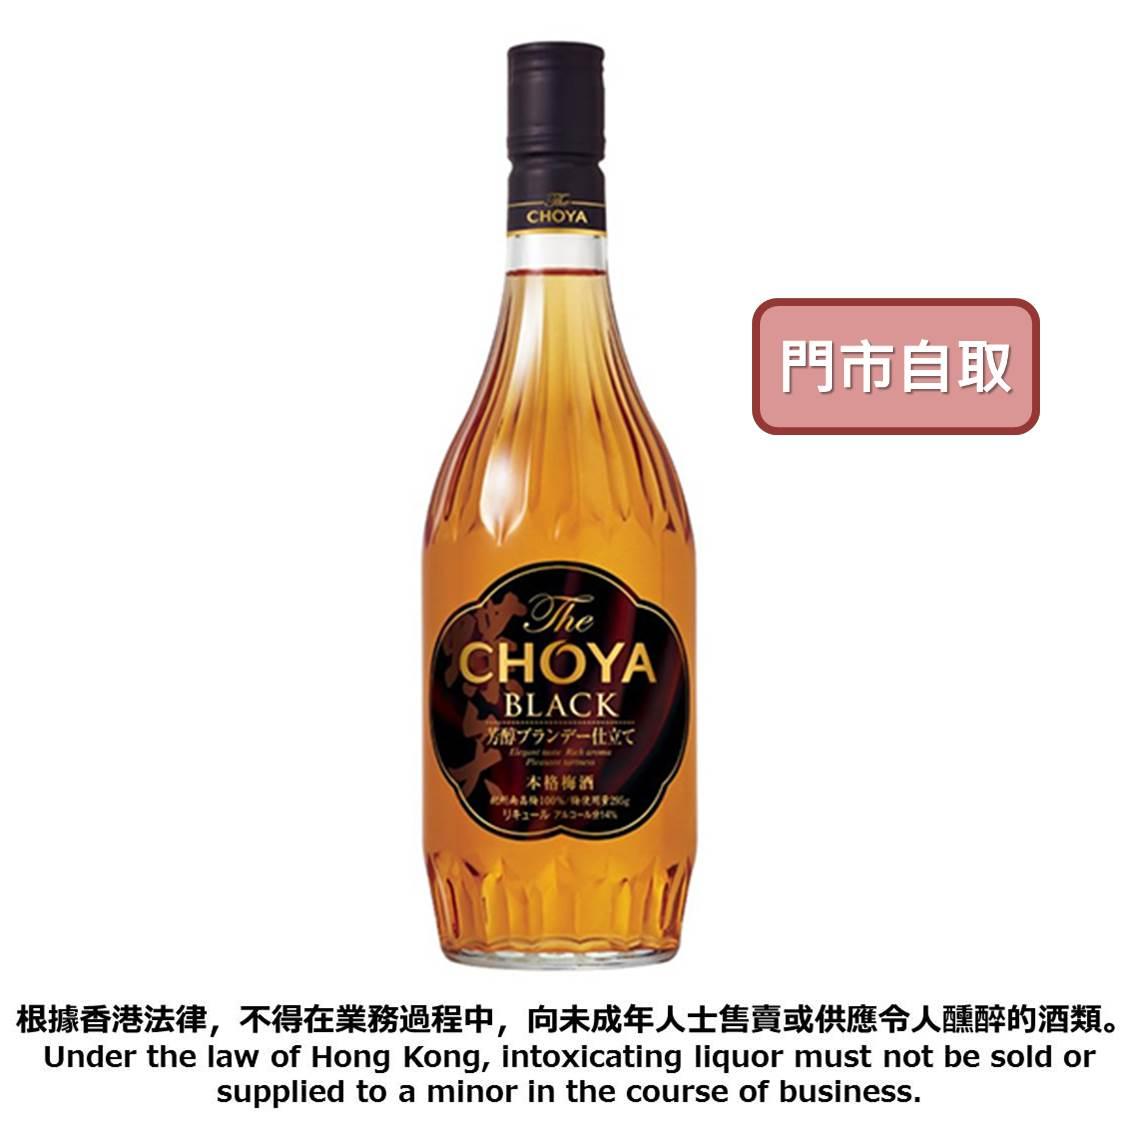 CHOYABLK芳醇本格海酒